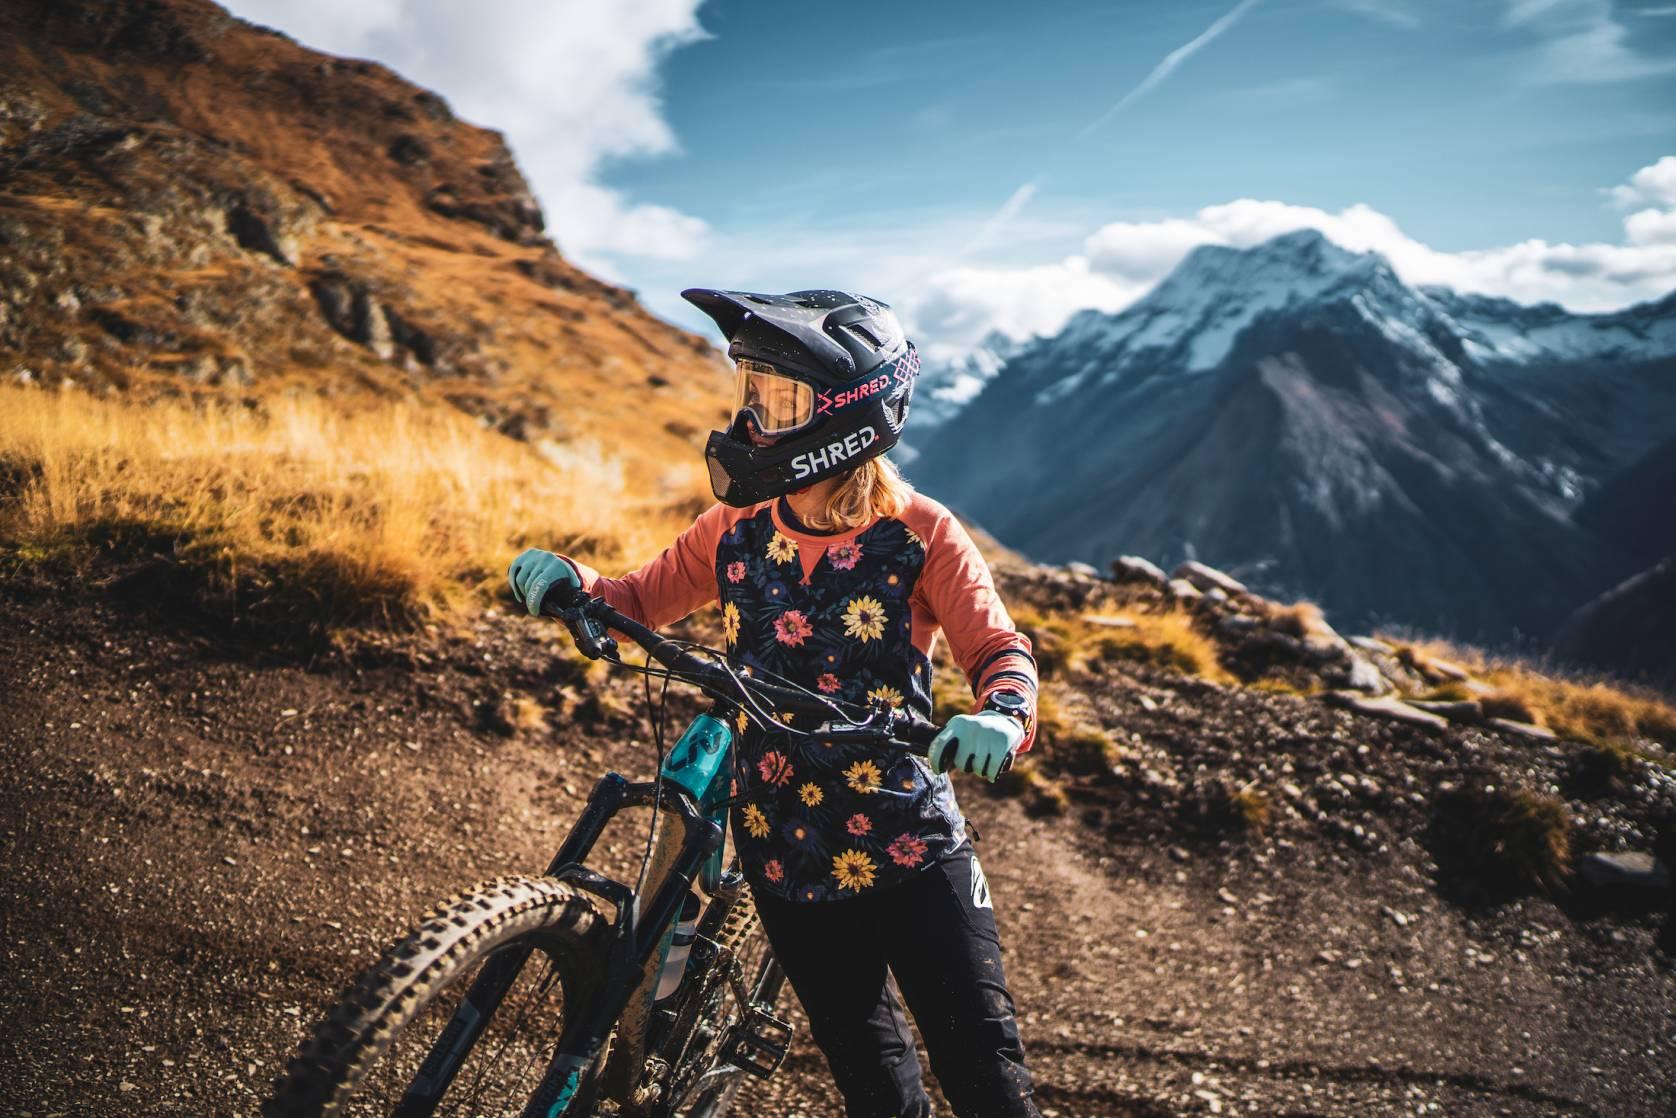 mountain biker SHRED helmet